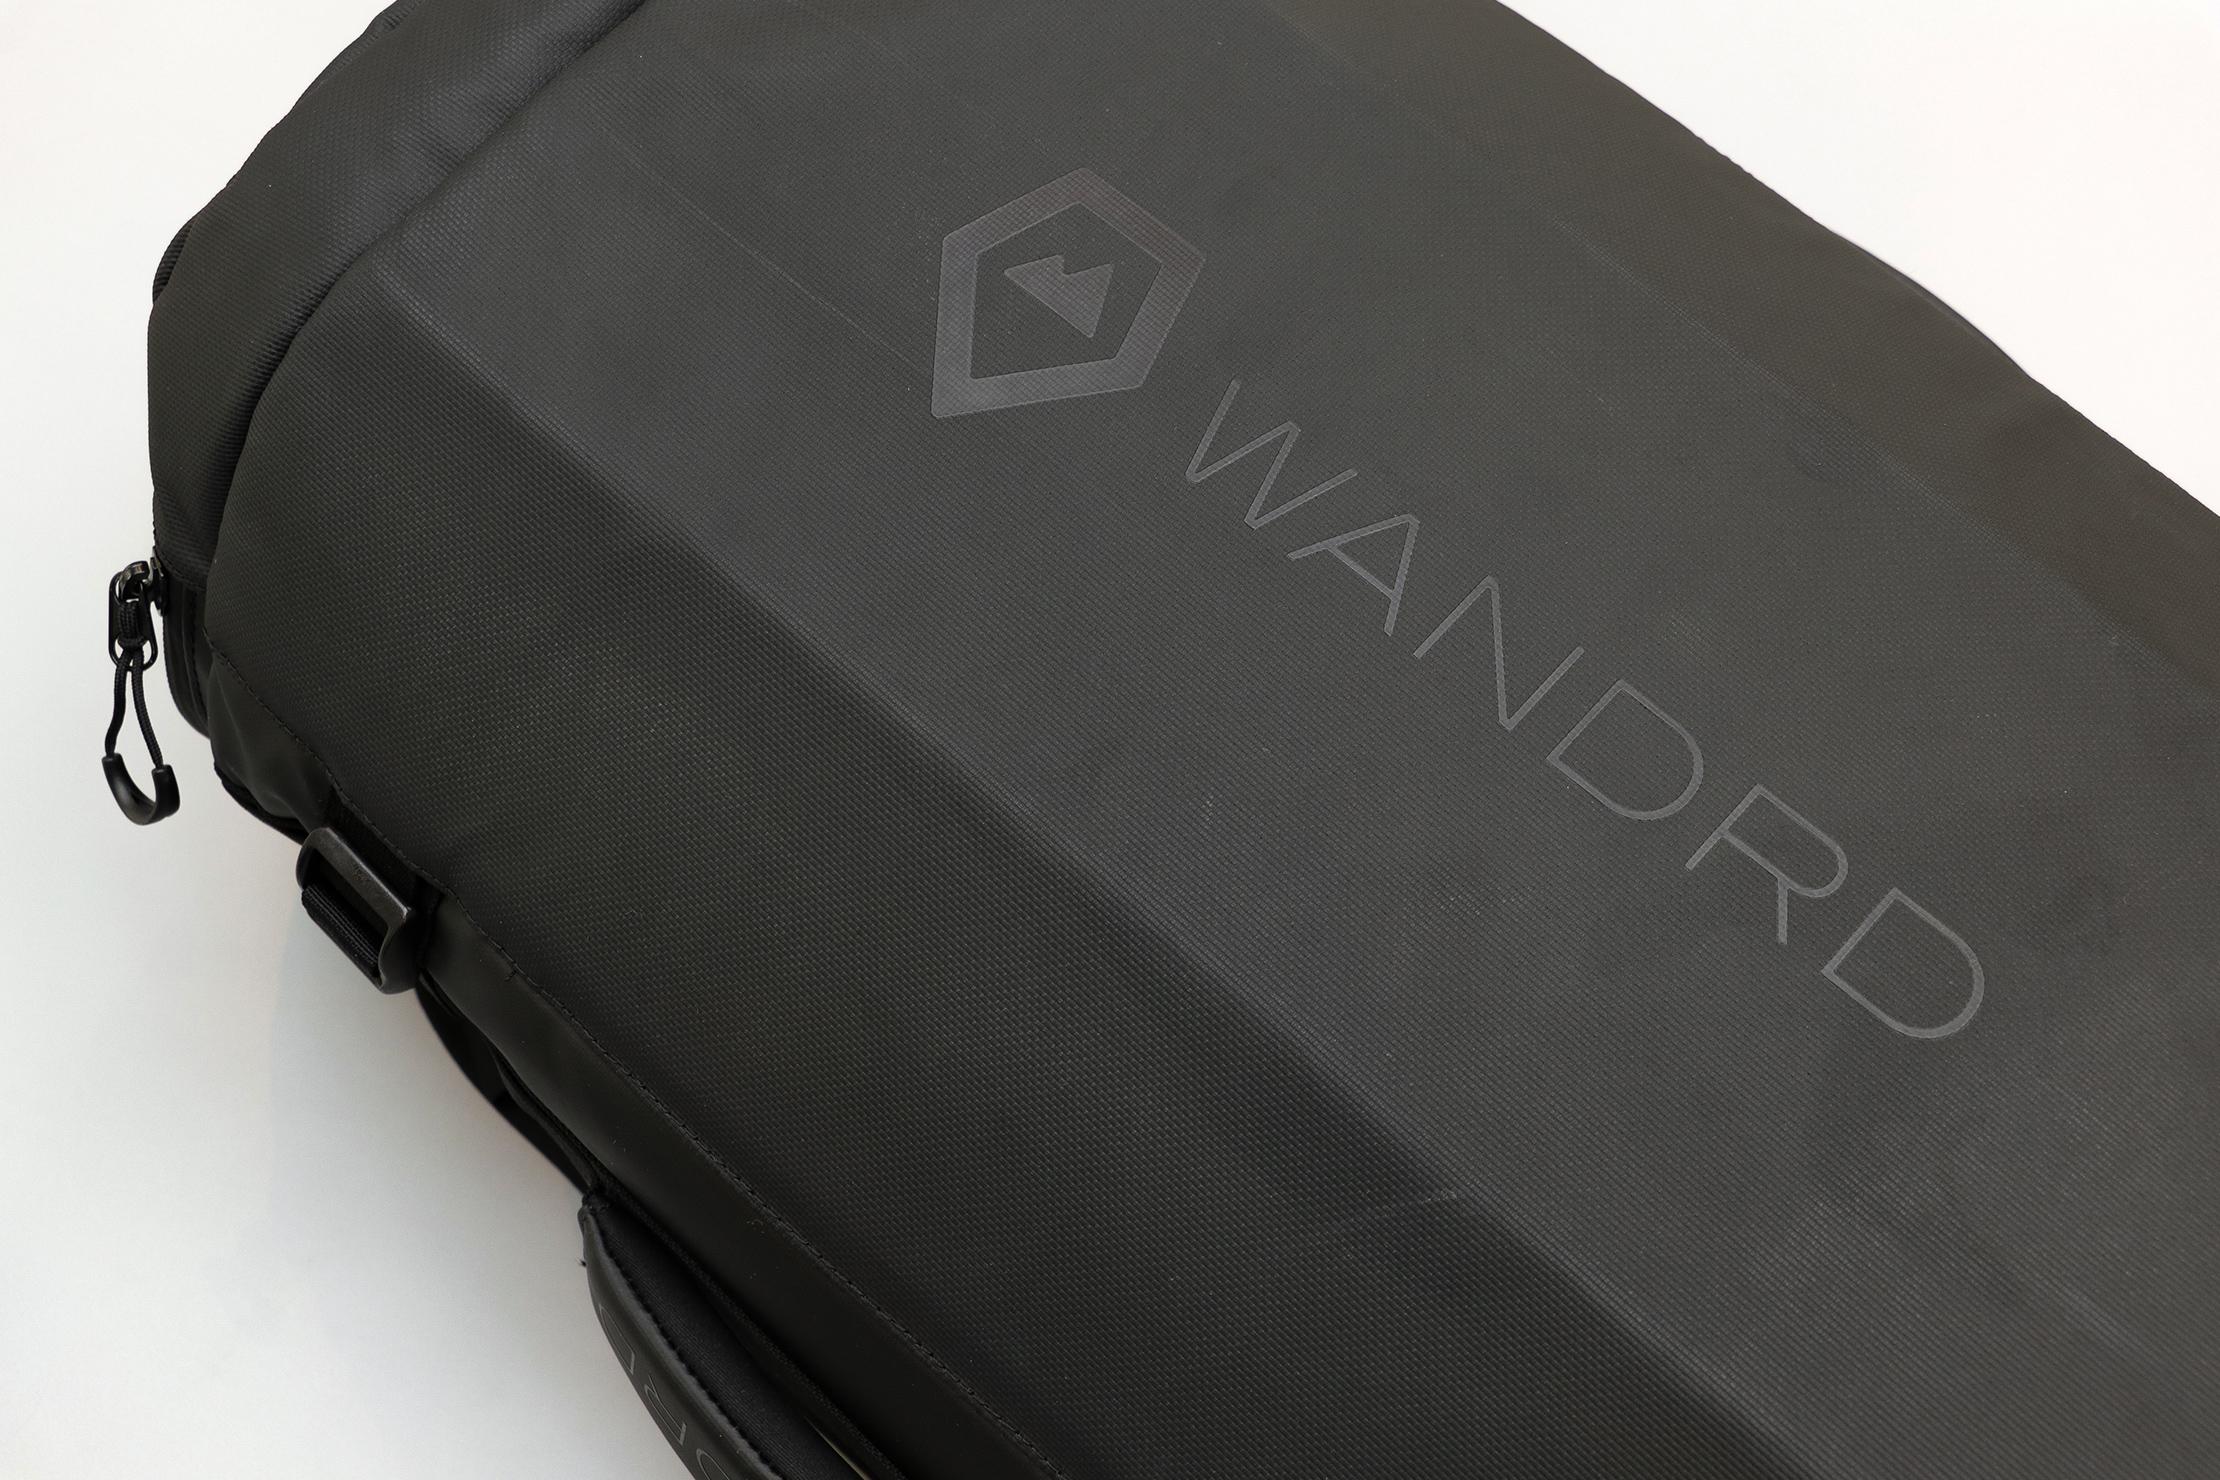 WANDRD HEXAD Carryall Duffel Material